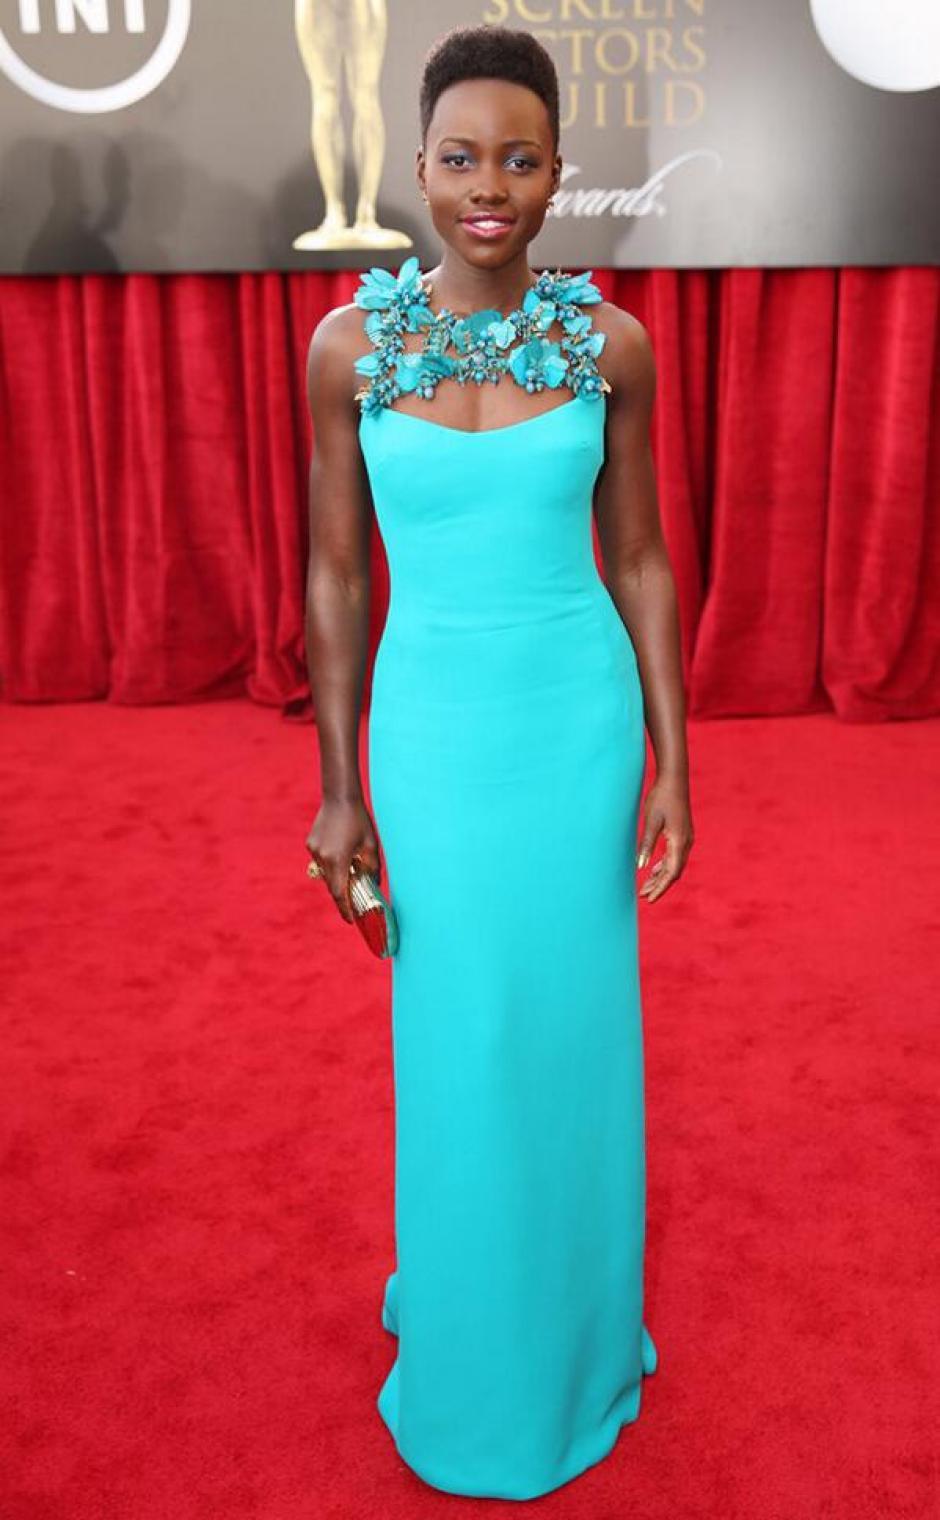 """El vestido de Lupita Nyong'o fue uno de los más admirados en la alfombra roja. La actriz está nominada por su actuación en """"12 years a slave"""". (@eonline)"""